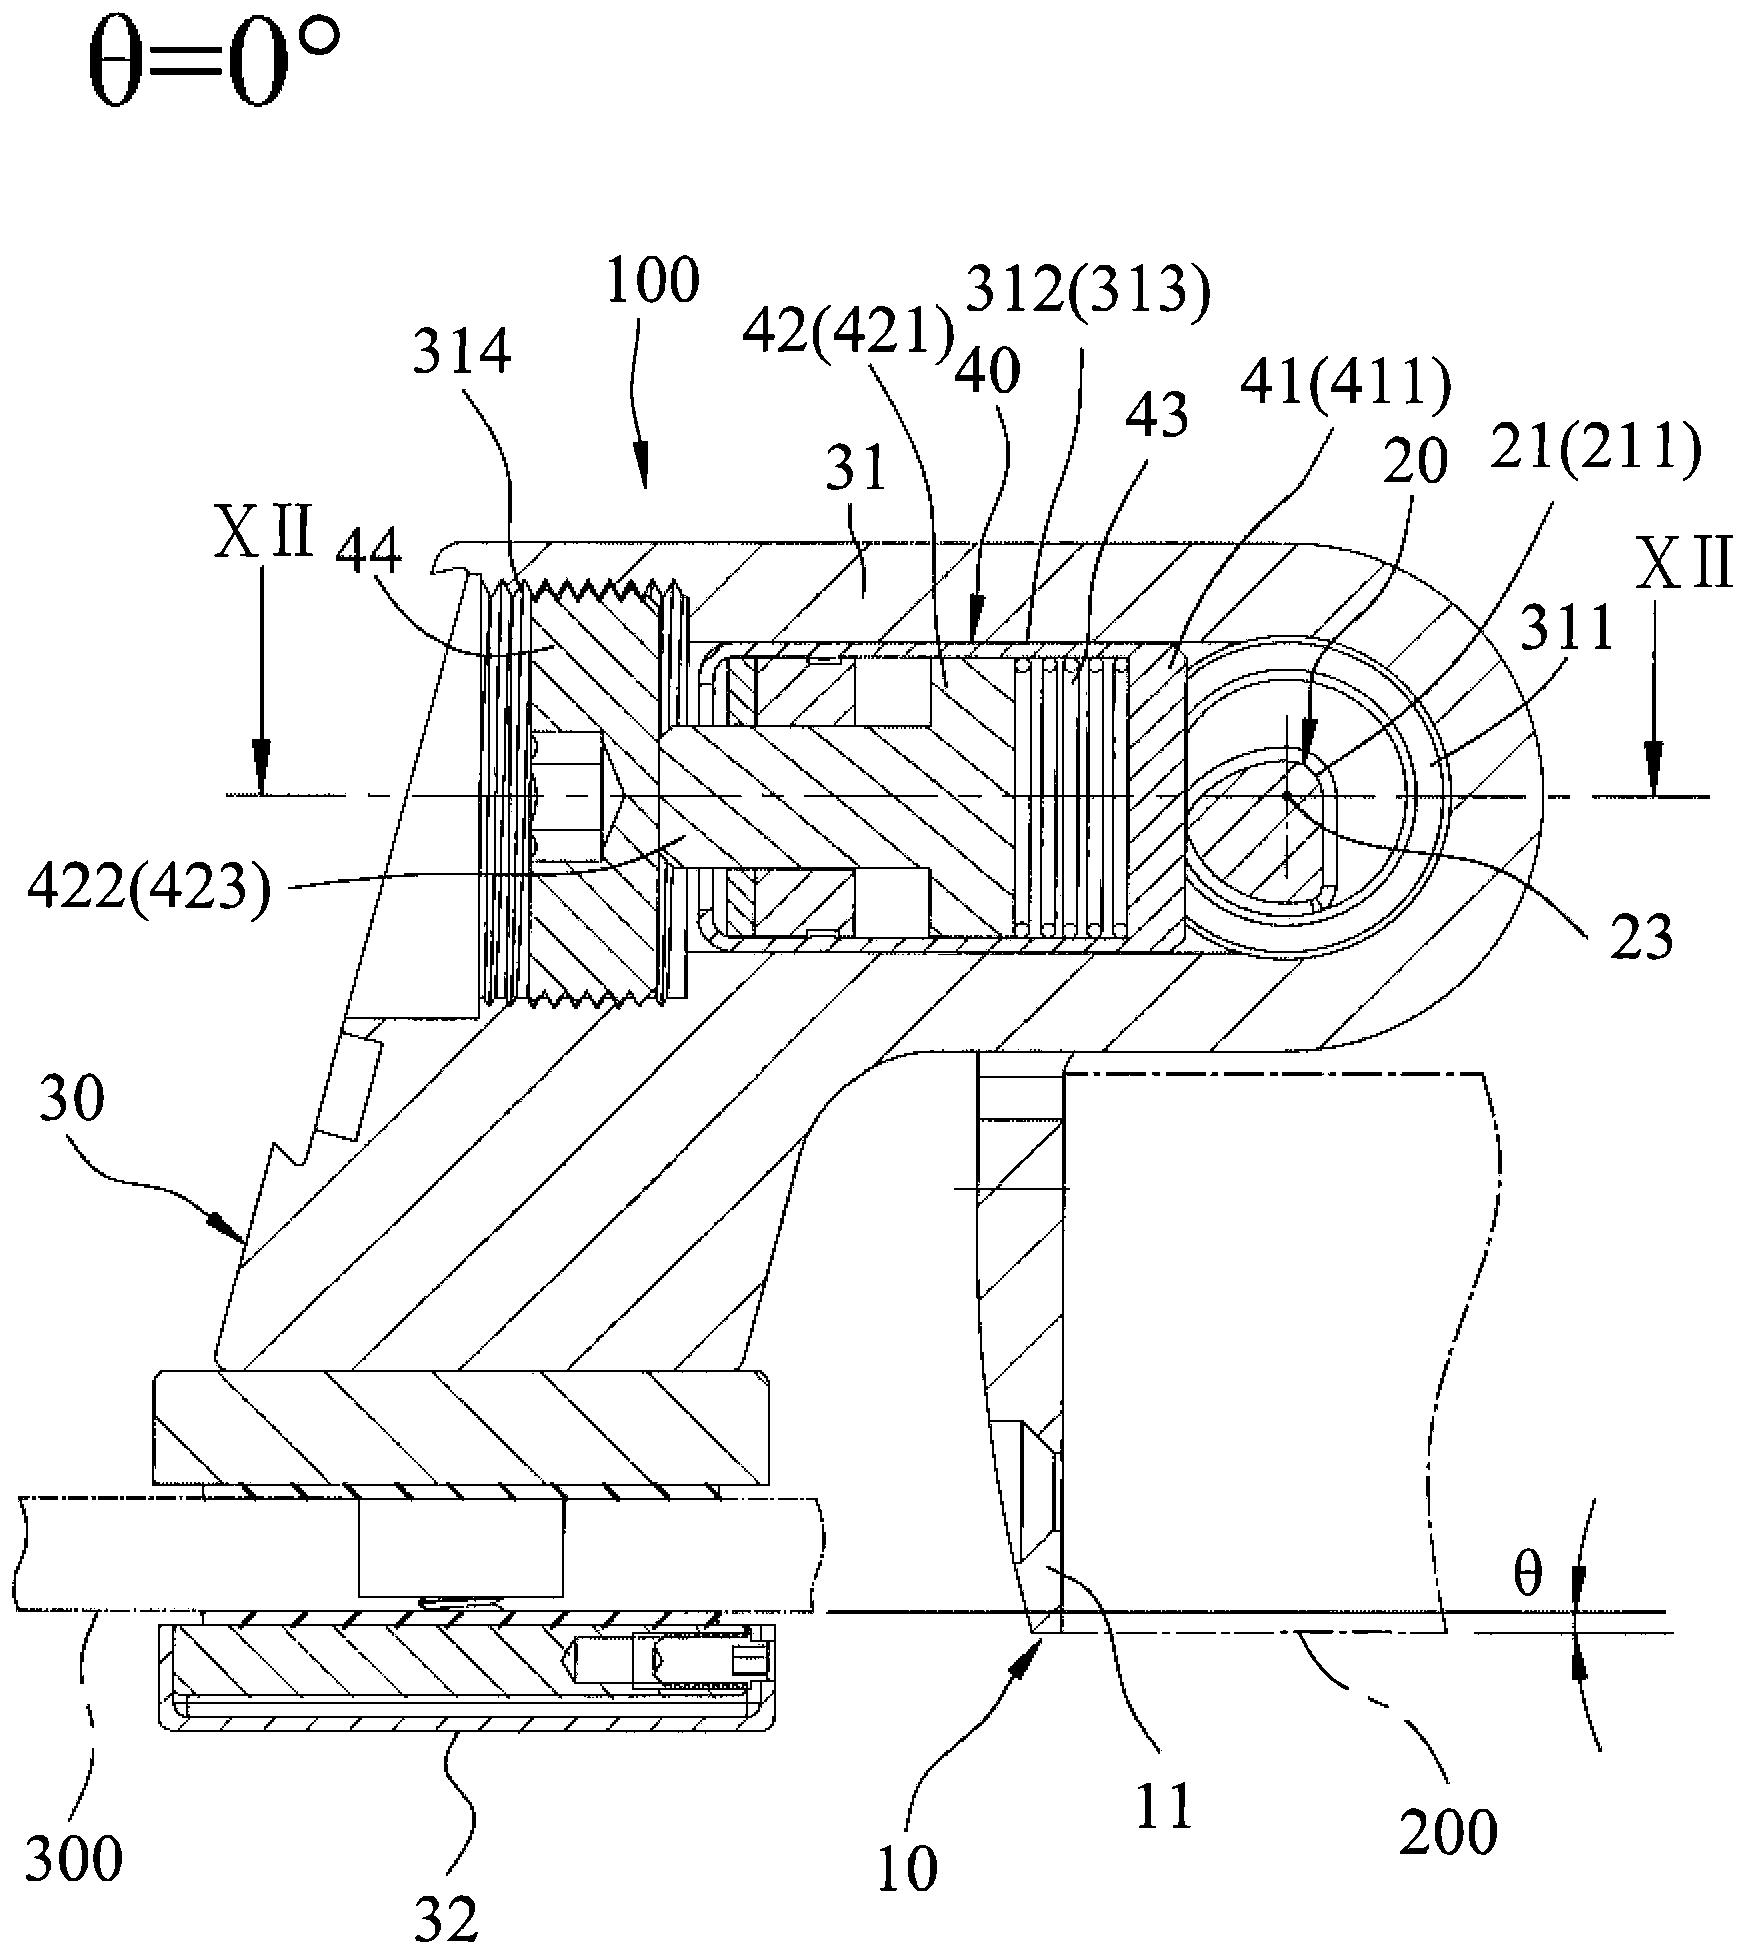 Figure DE102018222826A1_0000